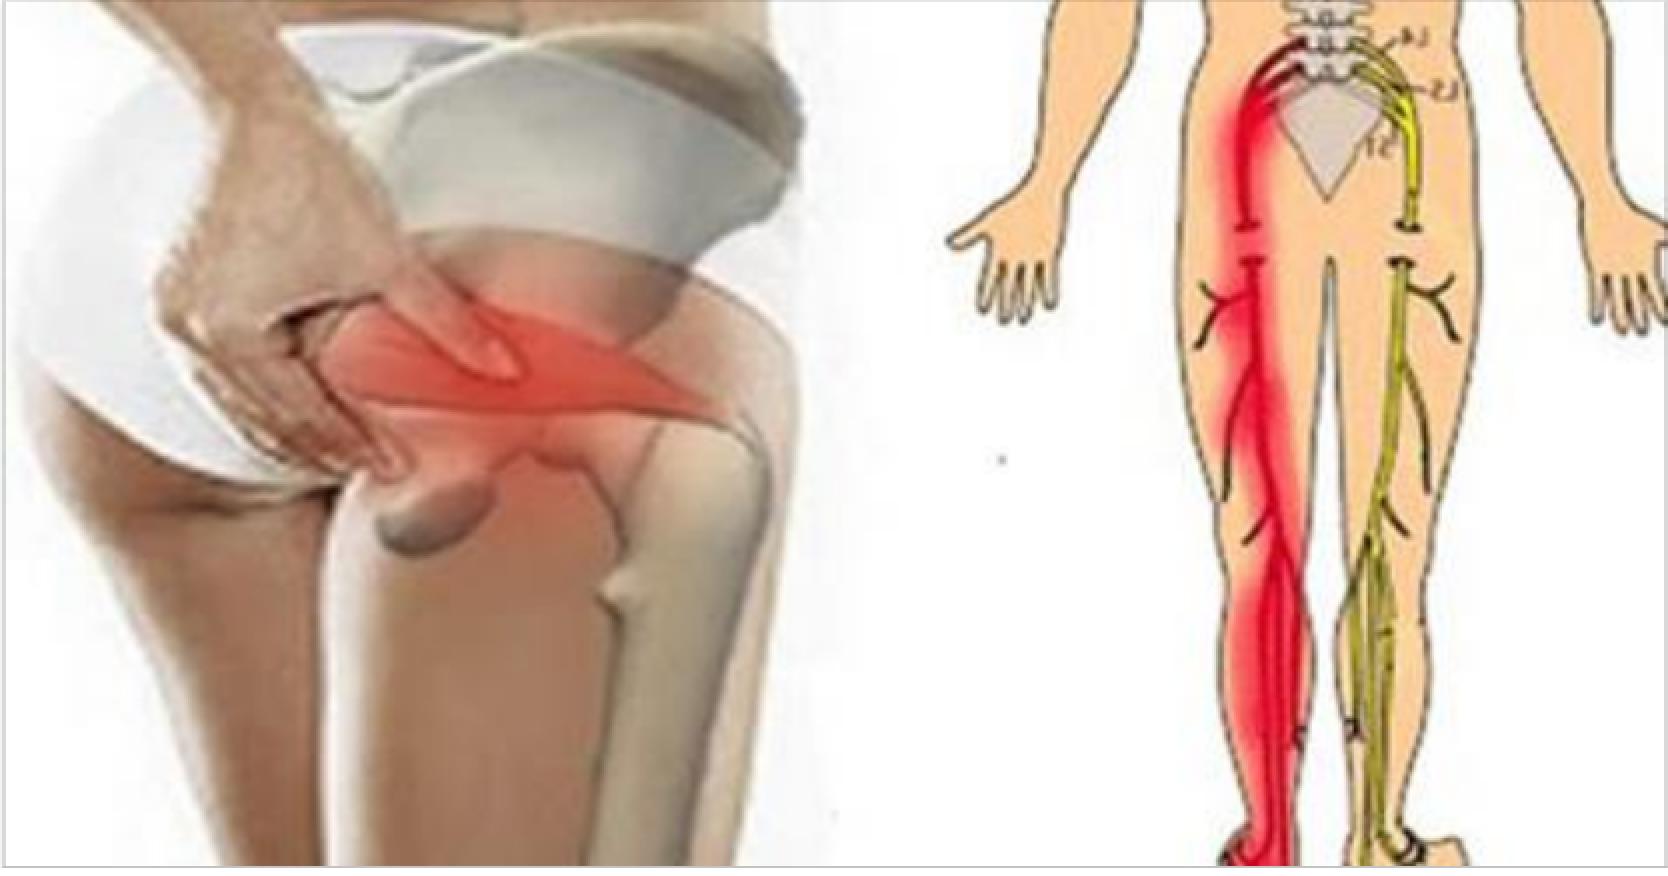 Ишиас — симптомы и боли, лечение в домашних условиях + препараты